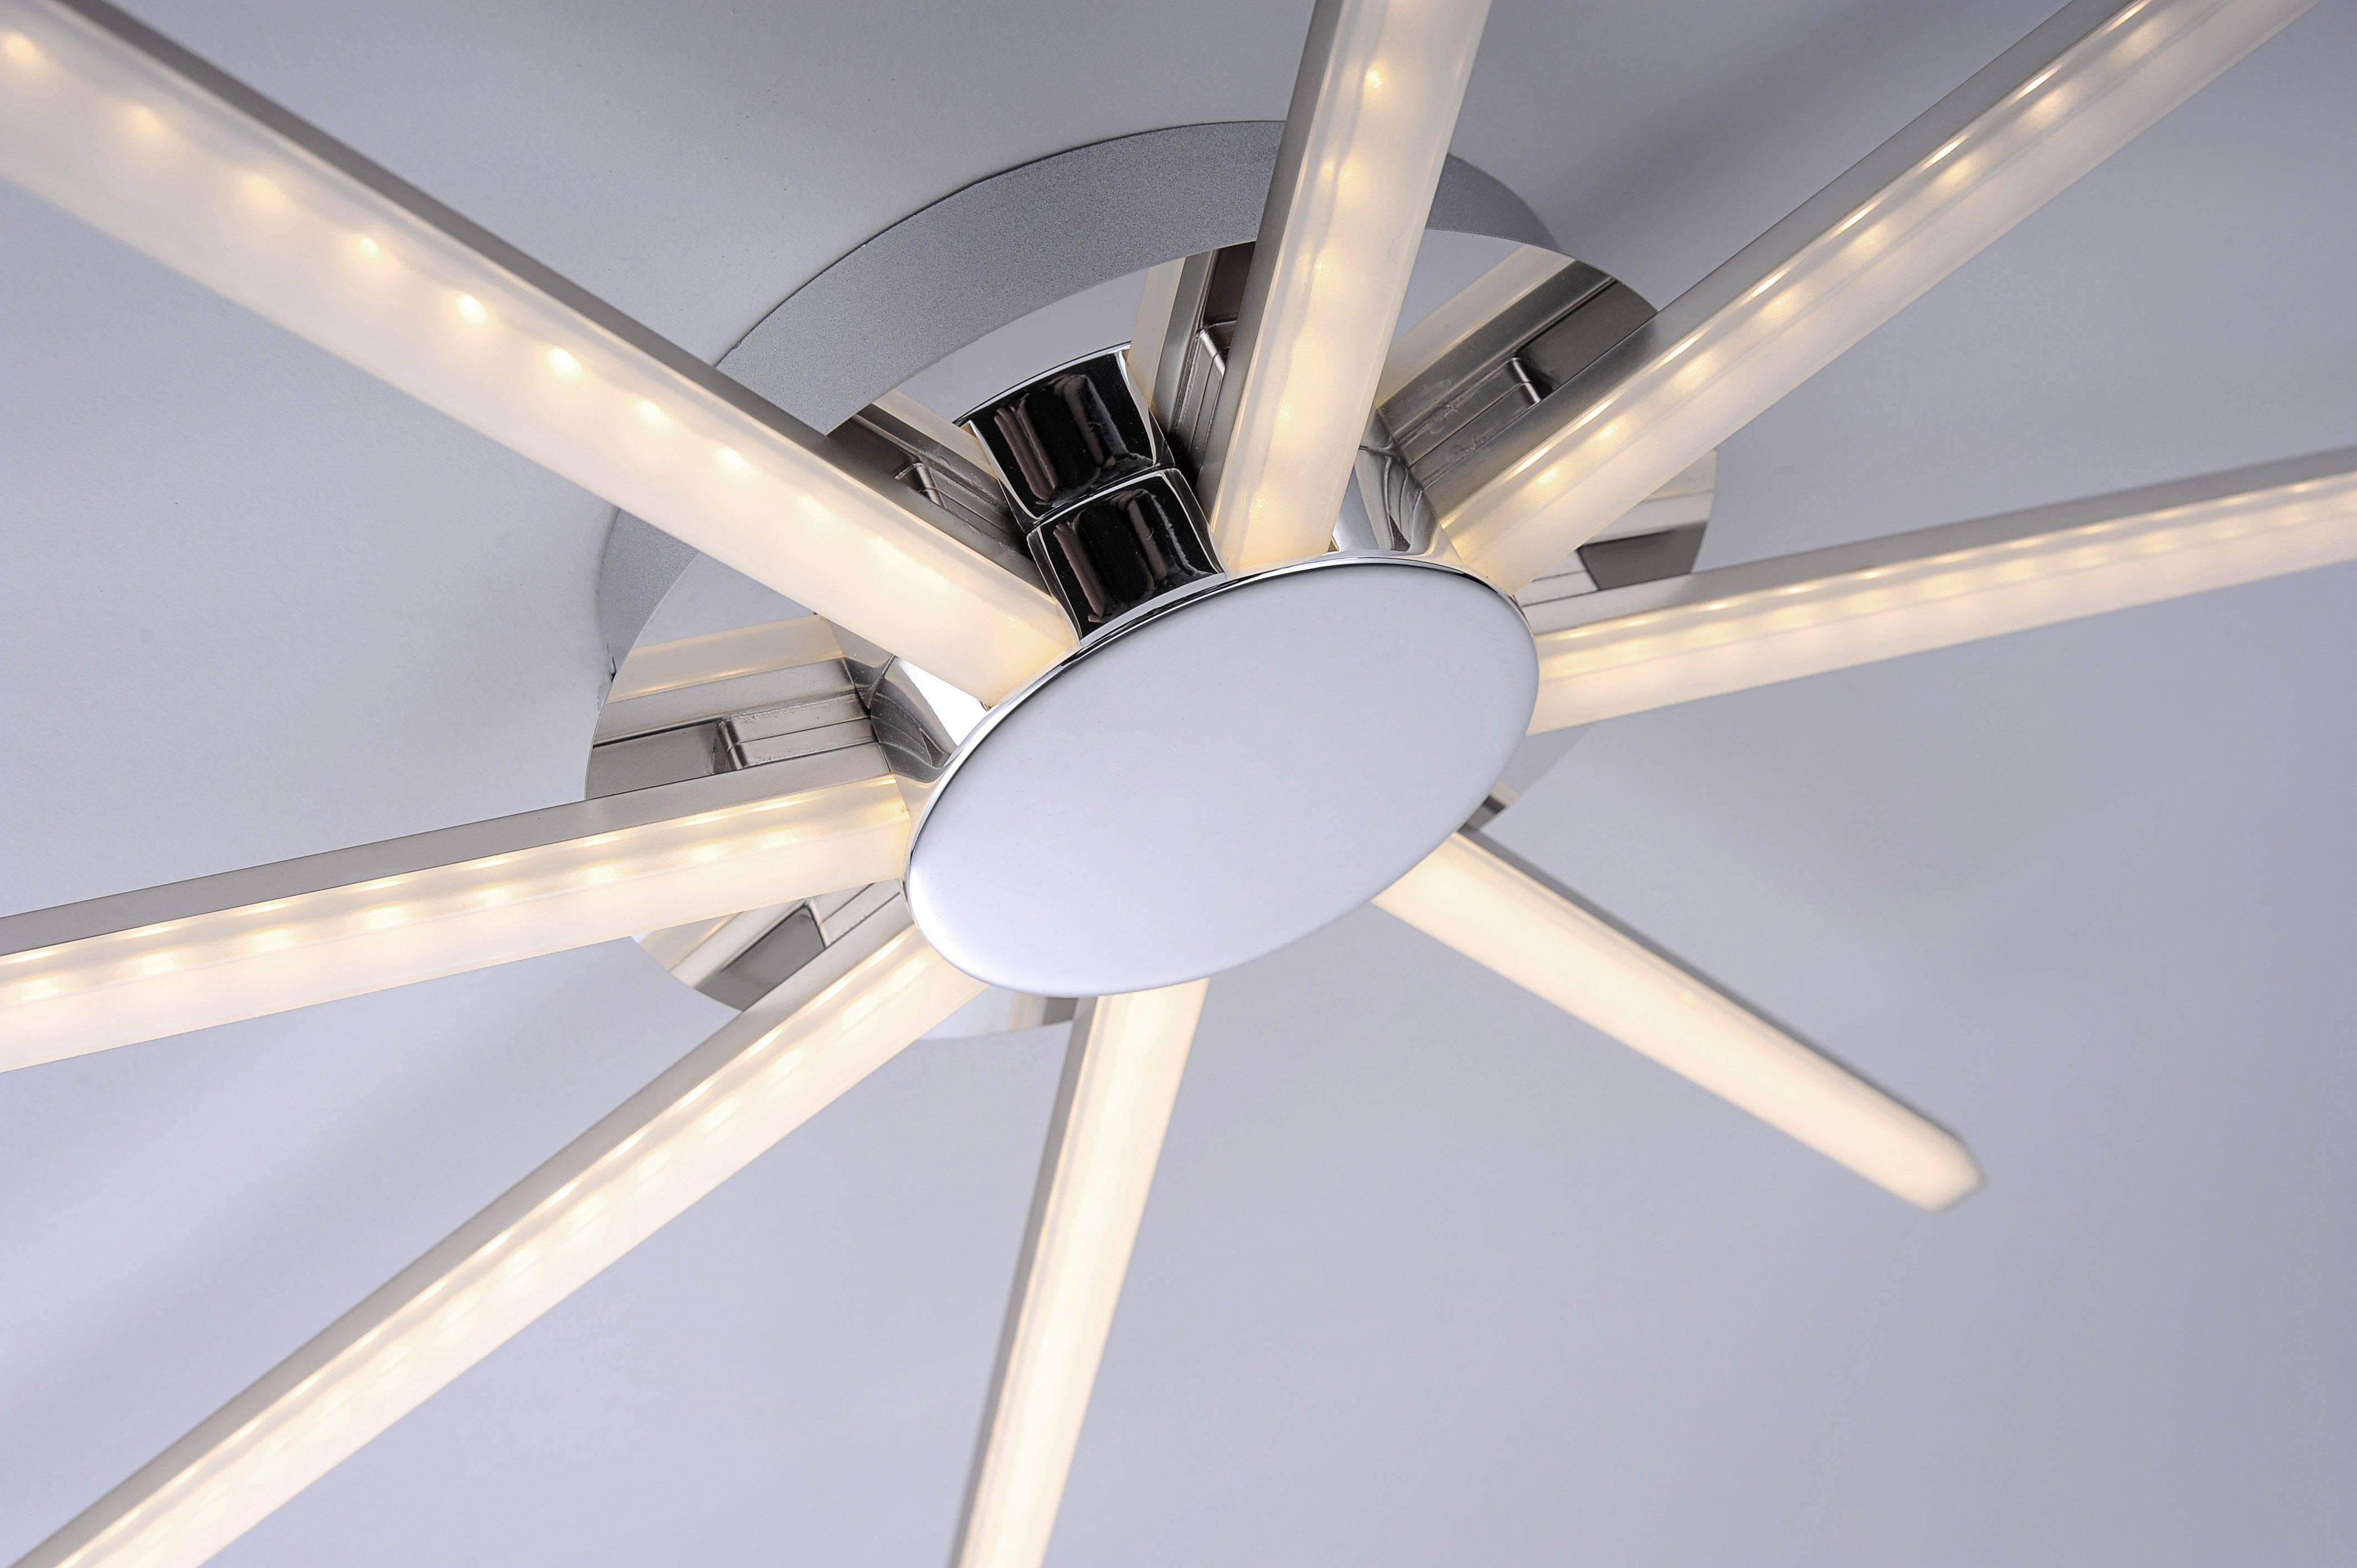 LED Deckenleuchte, 8-flammig, stahl, Sonnen-Form